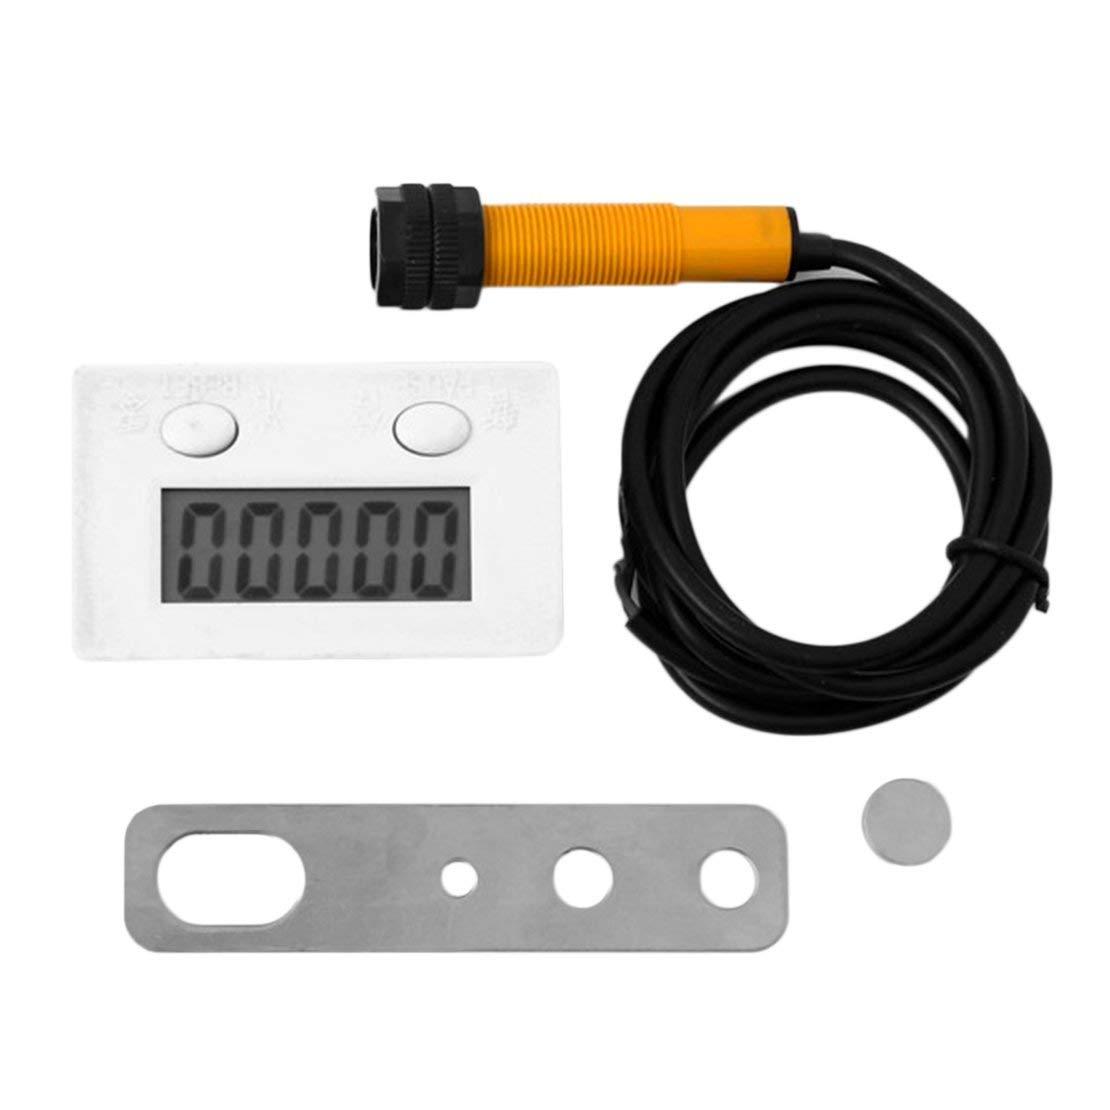 Prá ctico punzó n digital Contador electró nico Inductivo magné tico Pantalla LCD Interruptor de proximidad Potente imá n TT-5J Sanzhileg